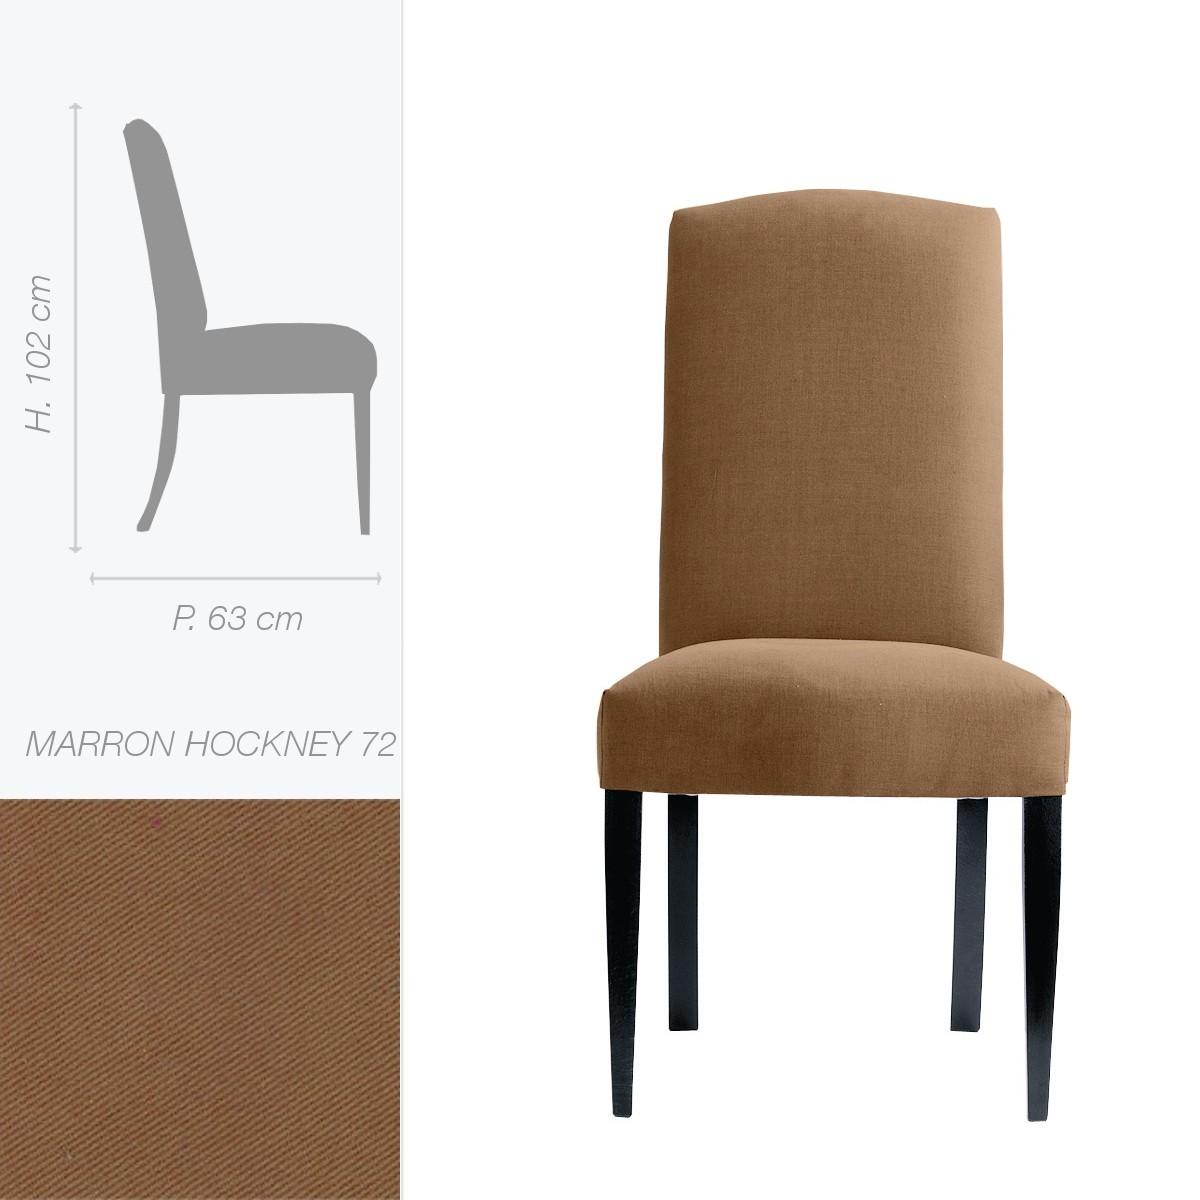 Marie 39 s corner chaise eaton c tissu personnalisable for Habillage de chaise en tissus